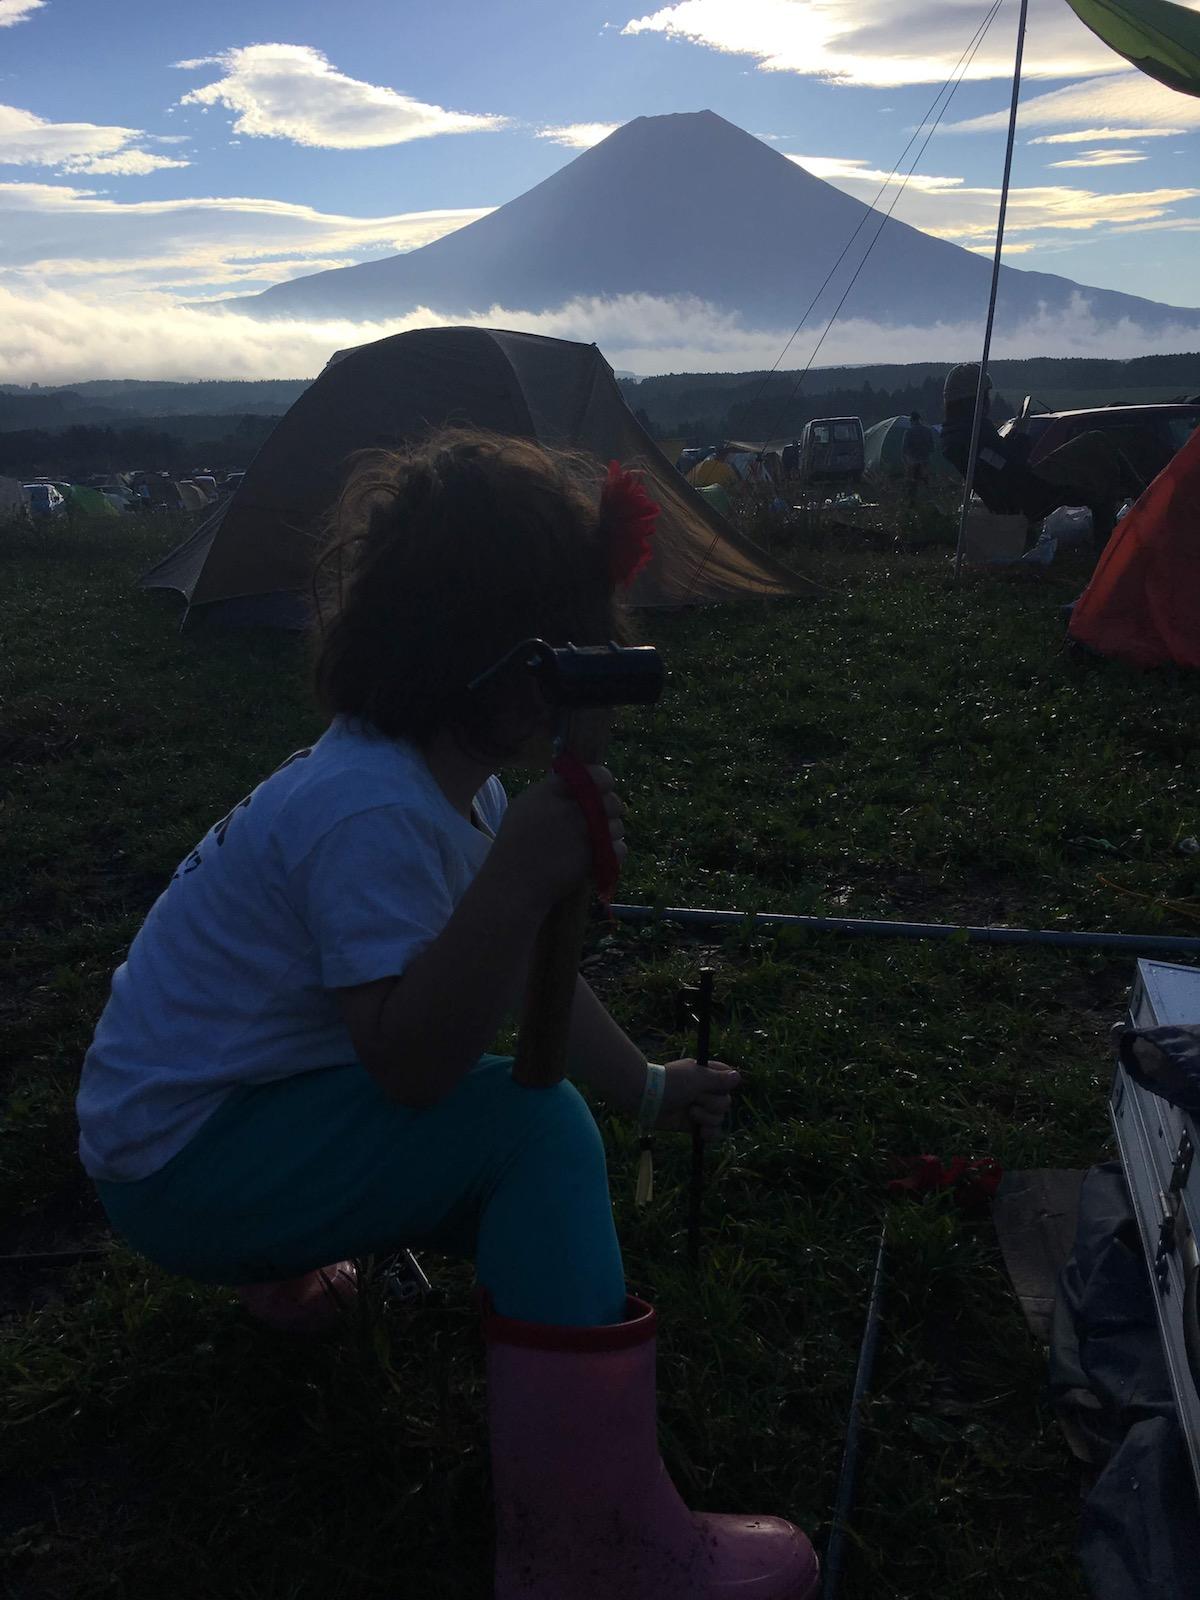 43 【こどもフジロック】朝霧Jam'18子連れフェス体験記〜3歳児とのキャンプ・イン・フェスの過ごし方〜